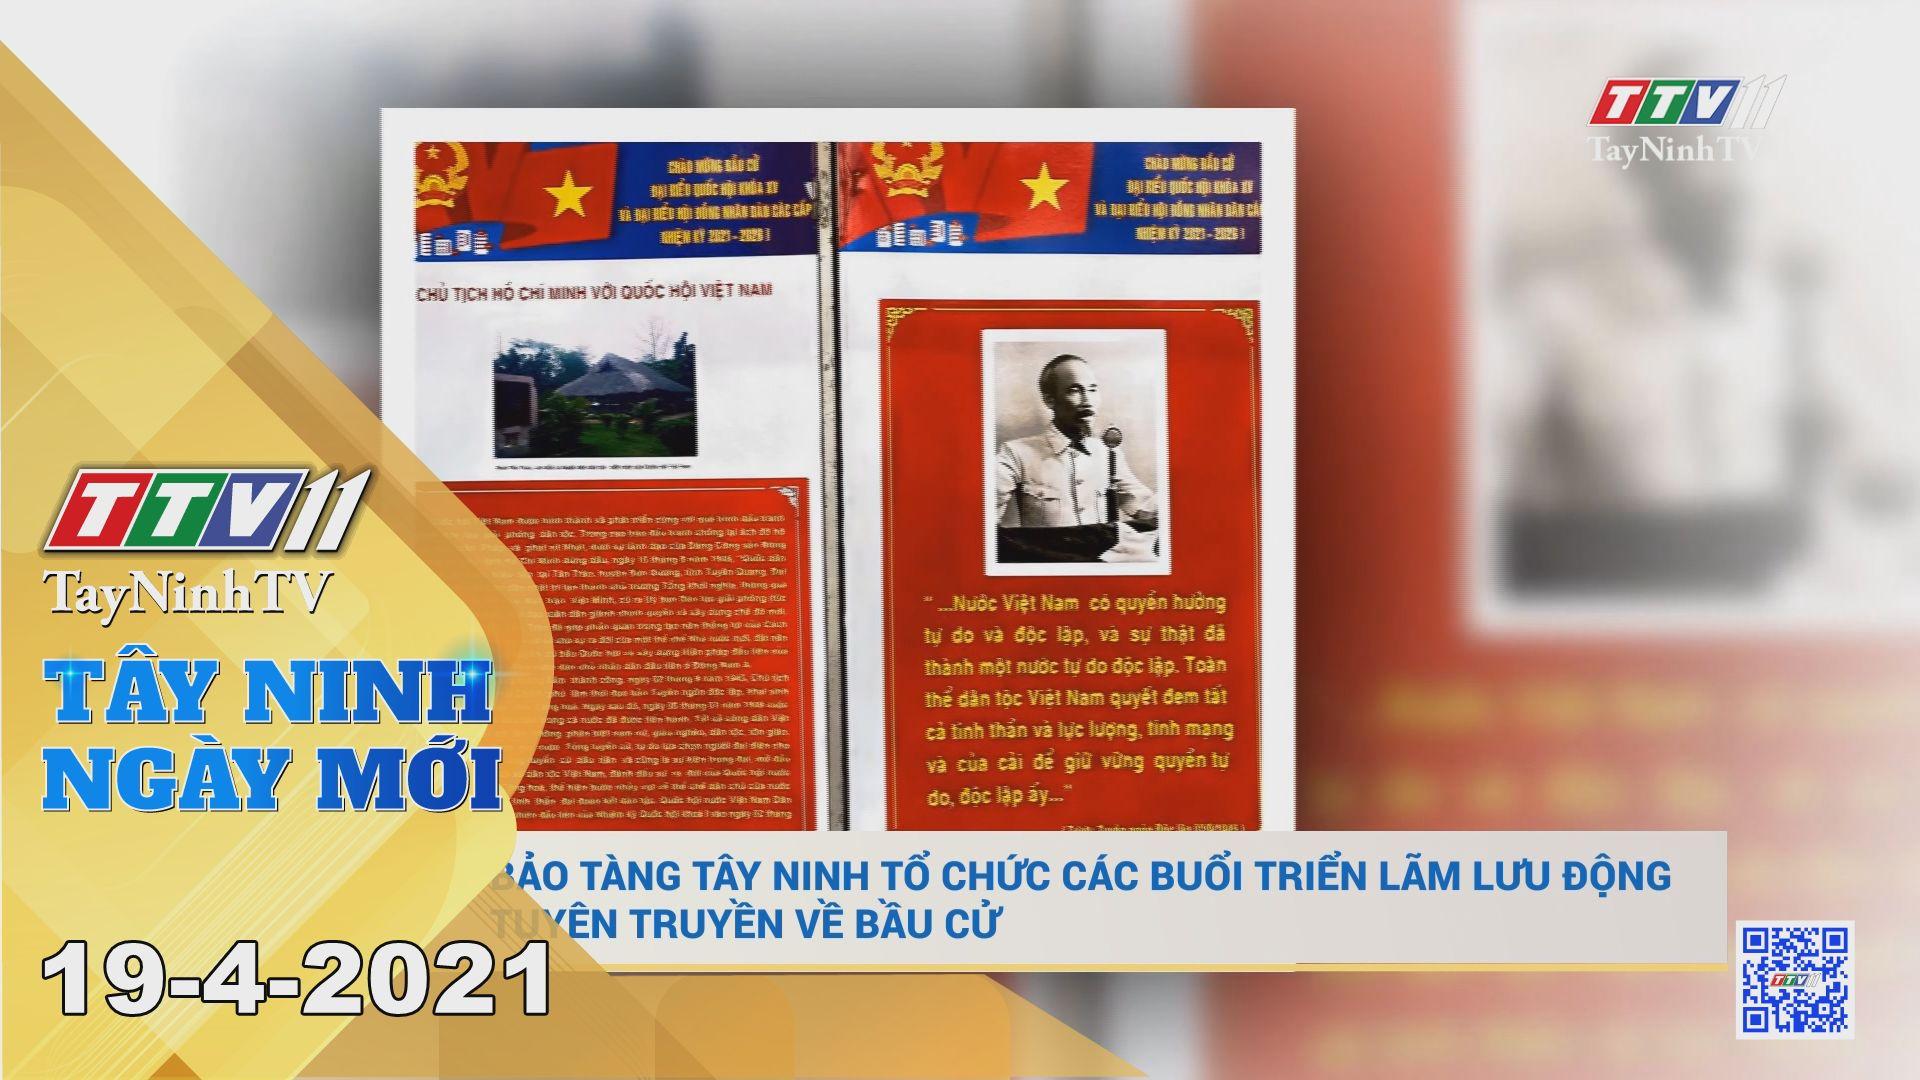 Tây Ninh Ngày Mới 19-4-2021 | Tin tức hôm nay | TayNinhTV